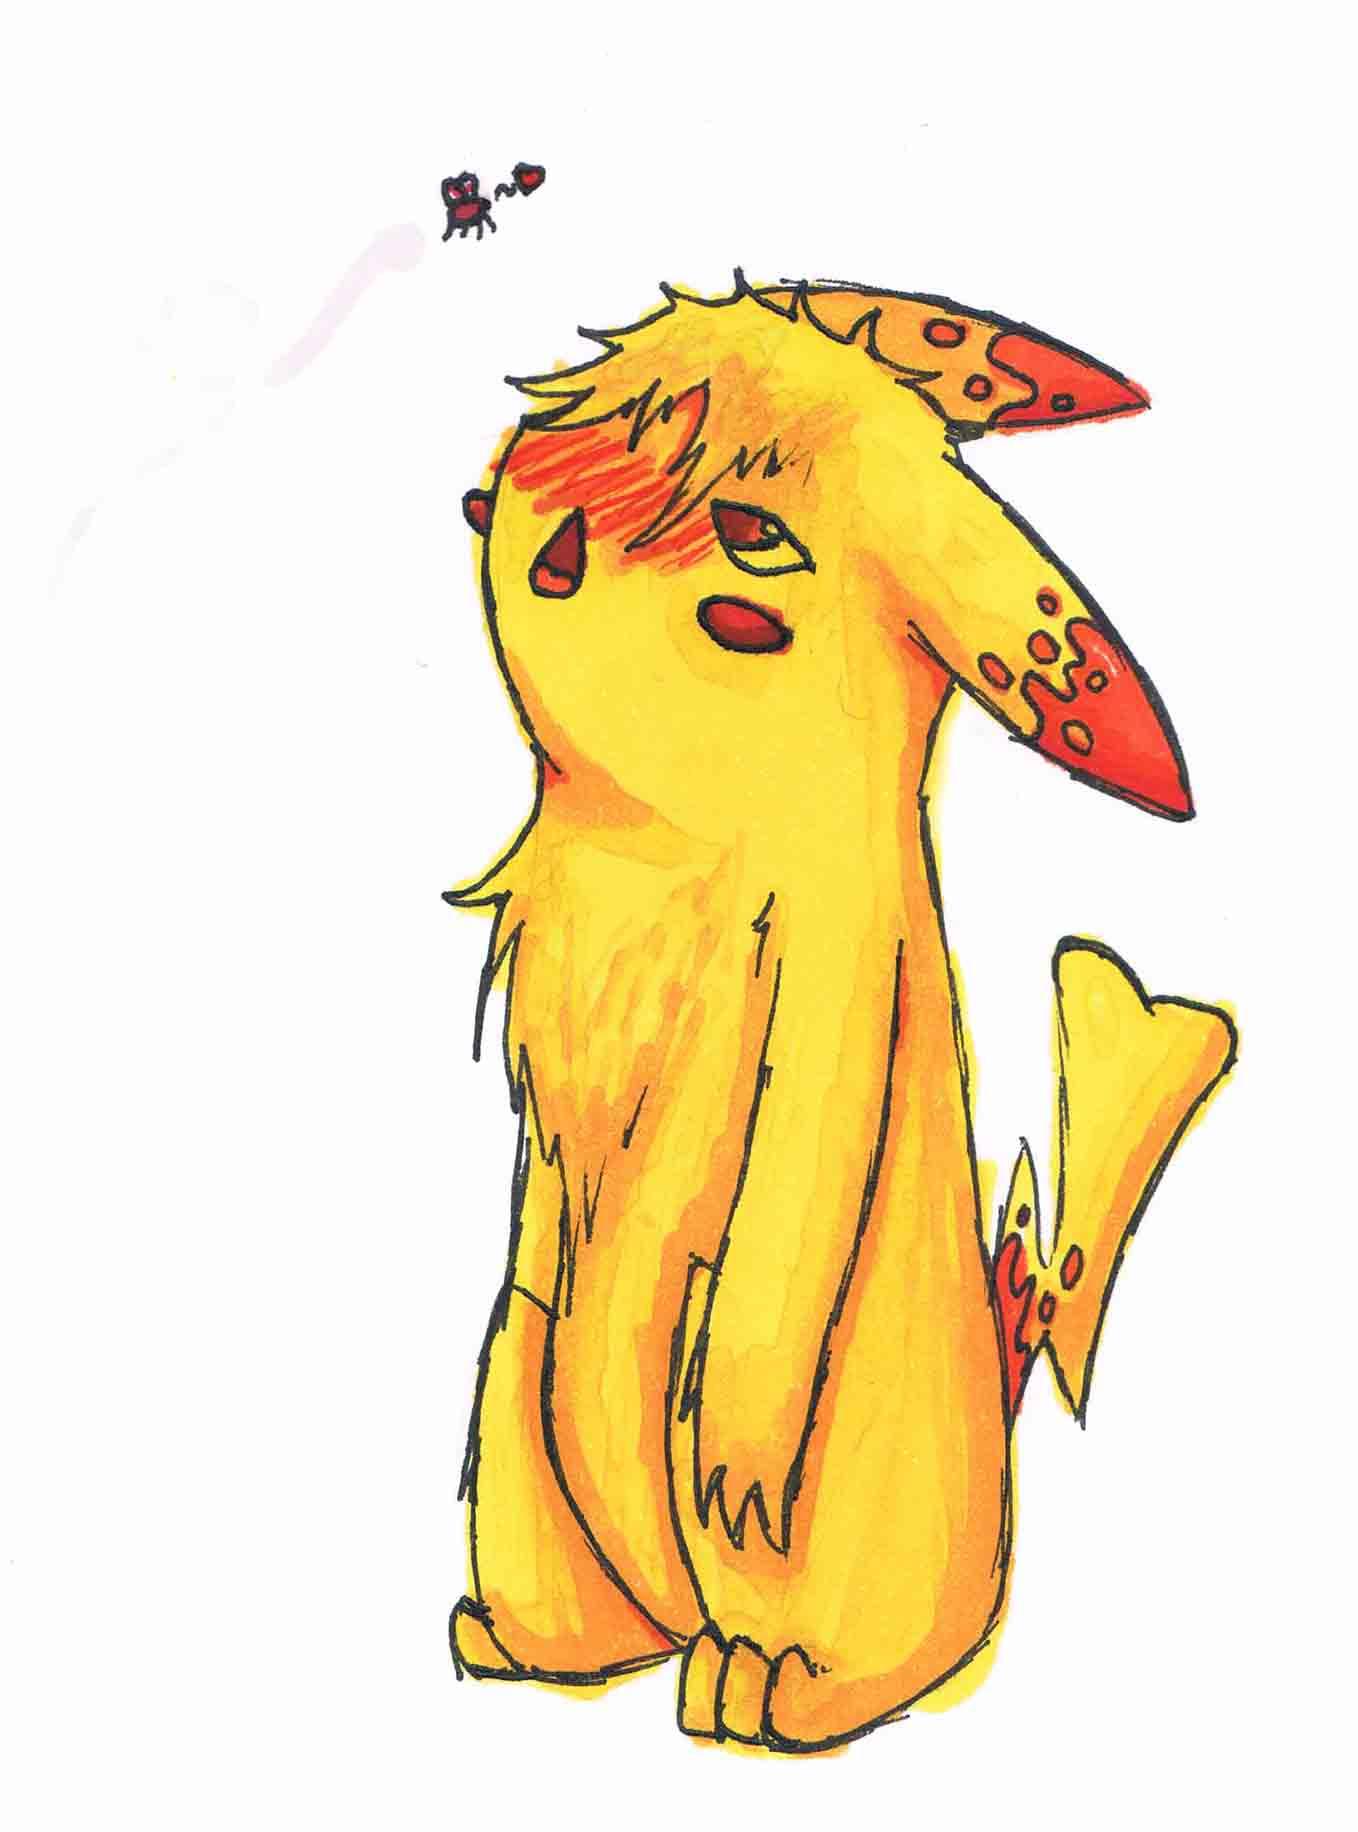 Pokémon-Zeichnung: PikaPokesona